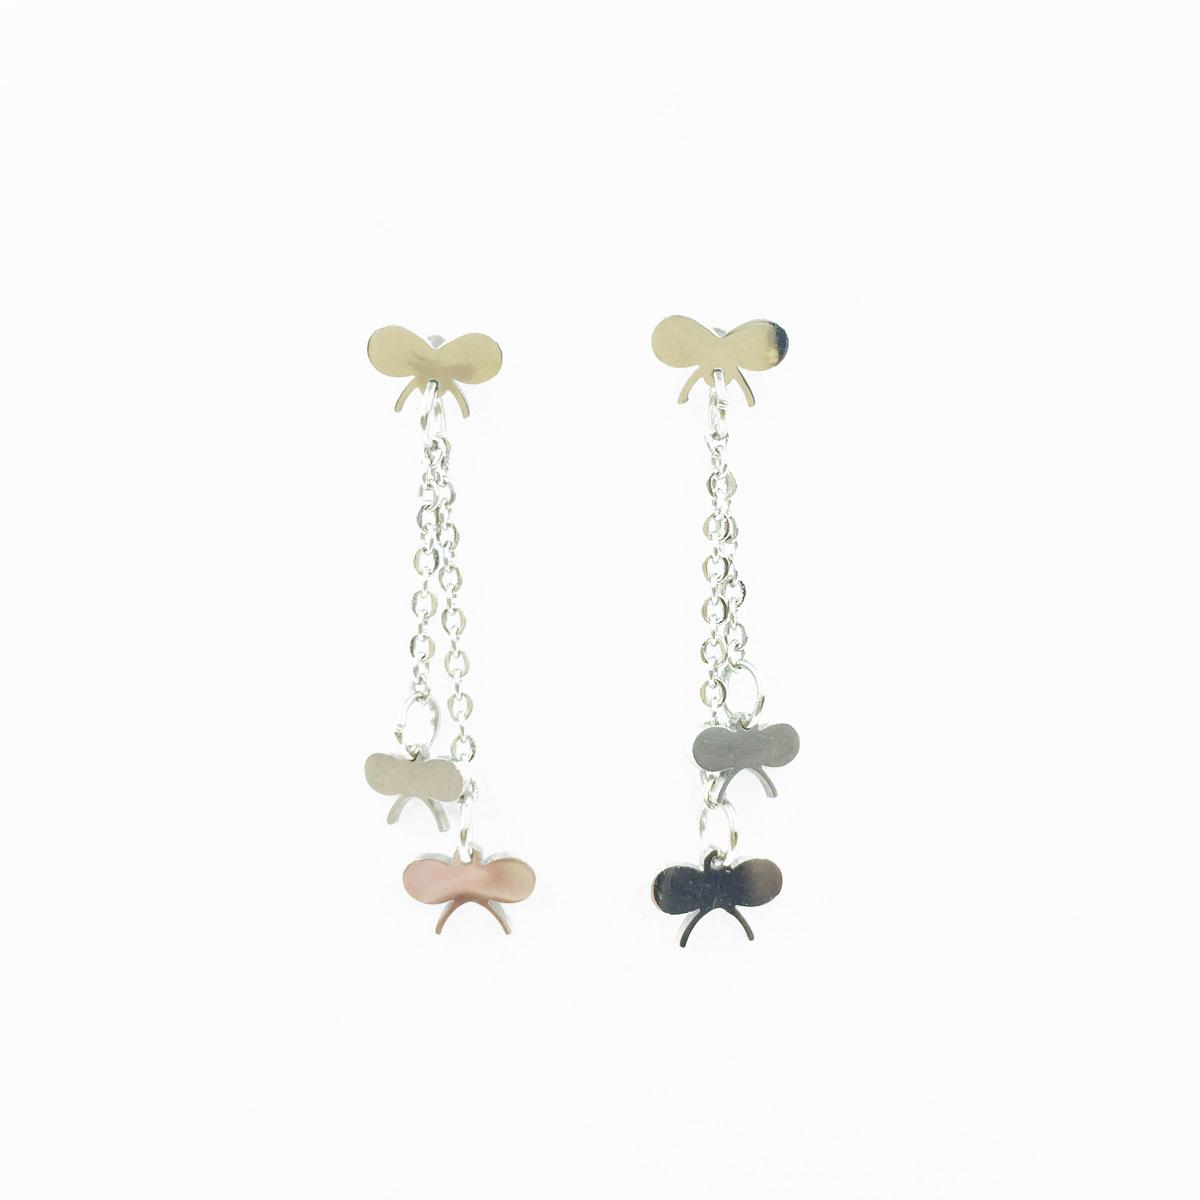 韓國 不鏽鋼 蝴蝶造型 蝴蝶鍊 金屬風 垂墜感 後轉式耳環